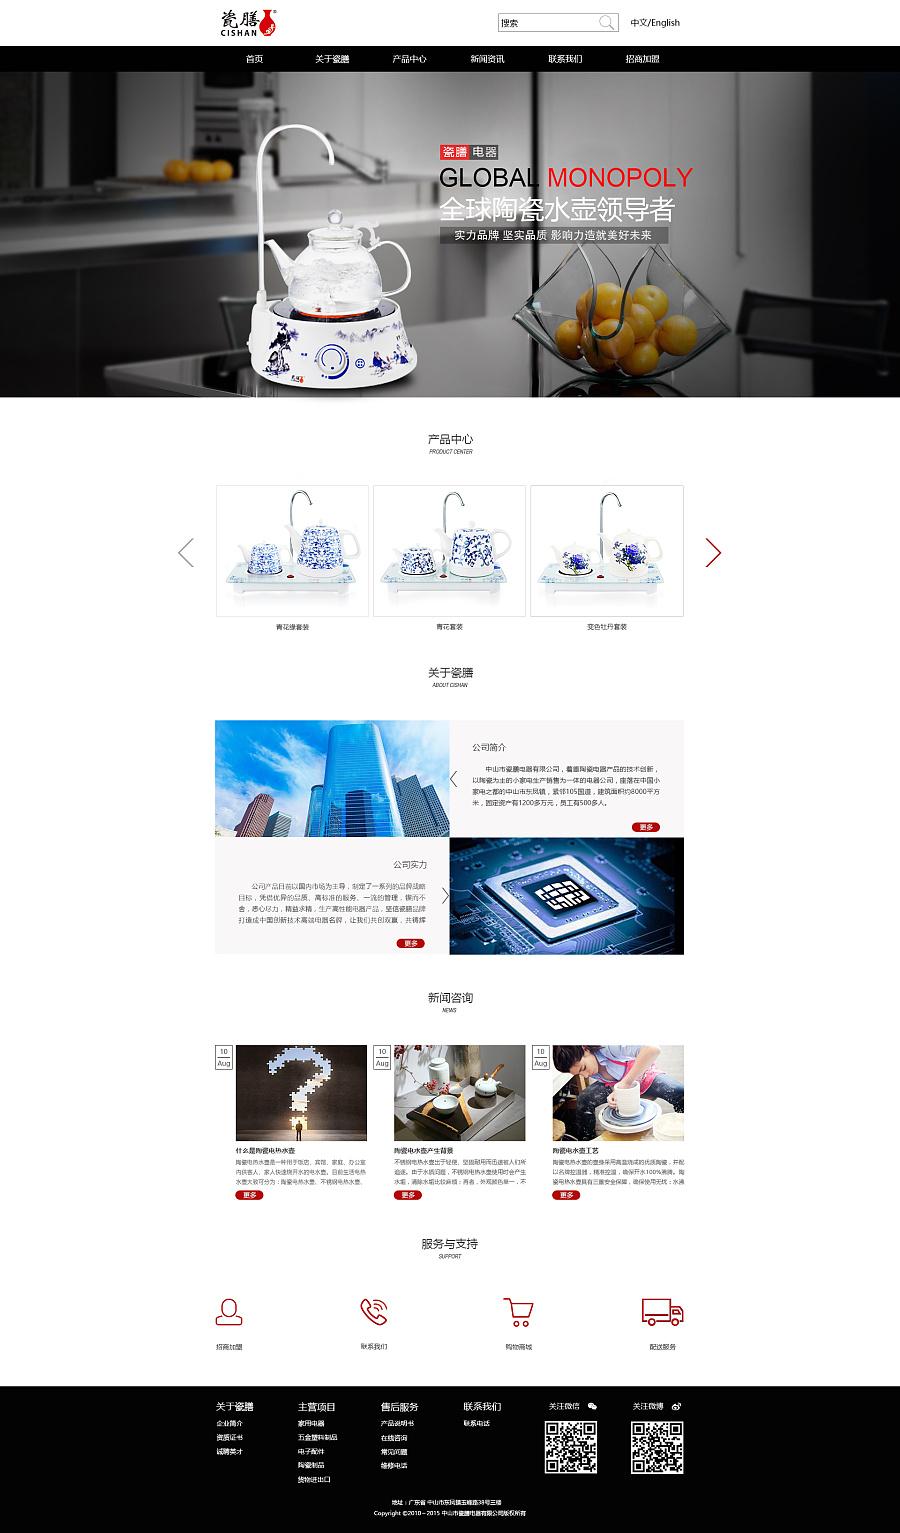 官网_瓷膳官网首页设计